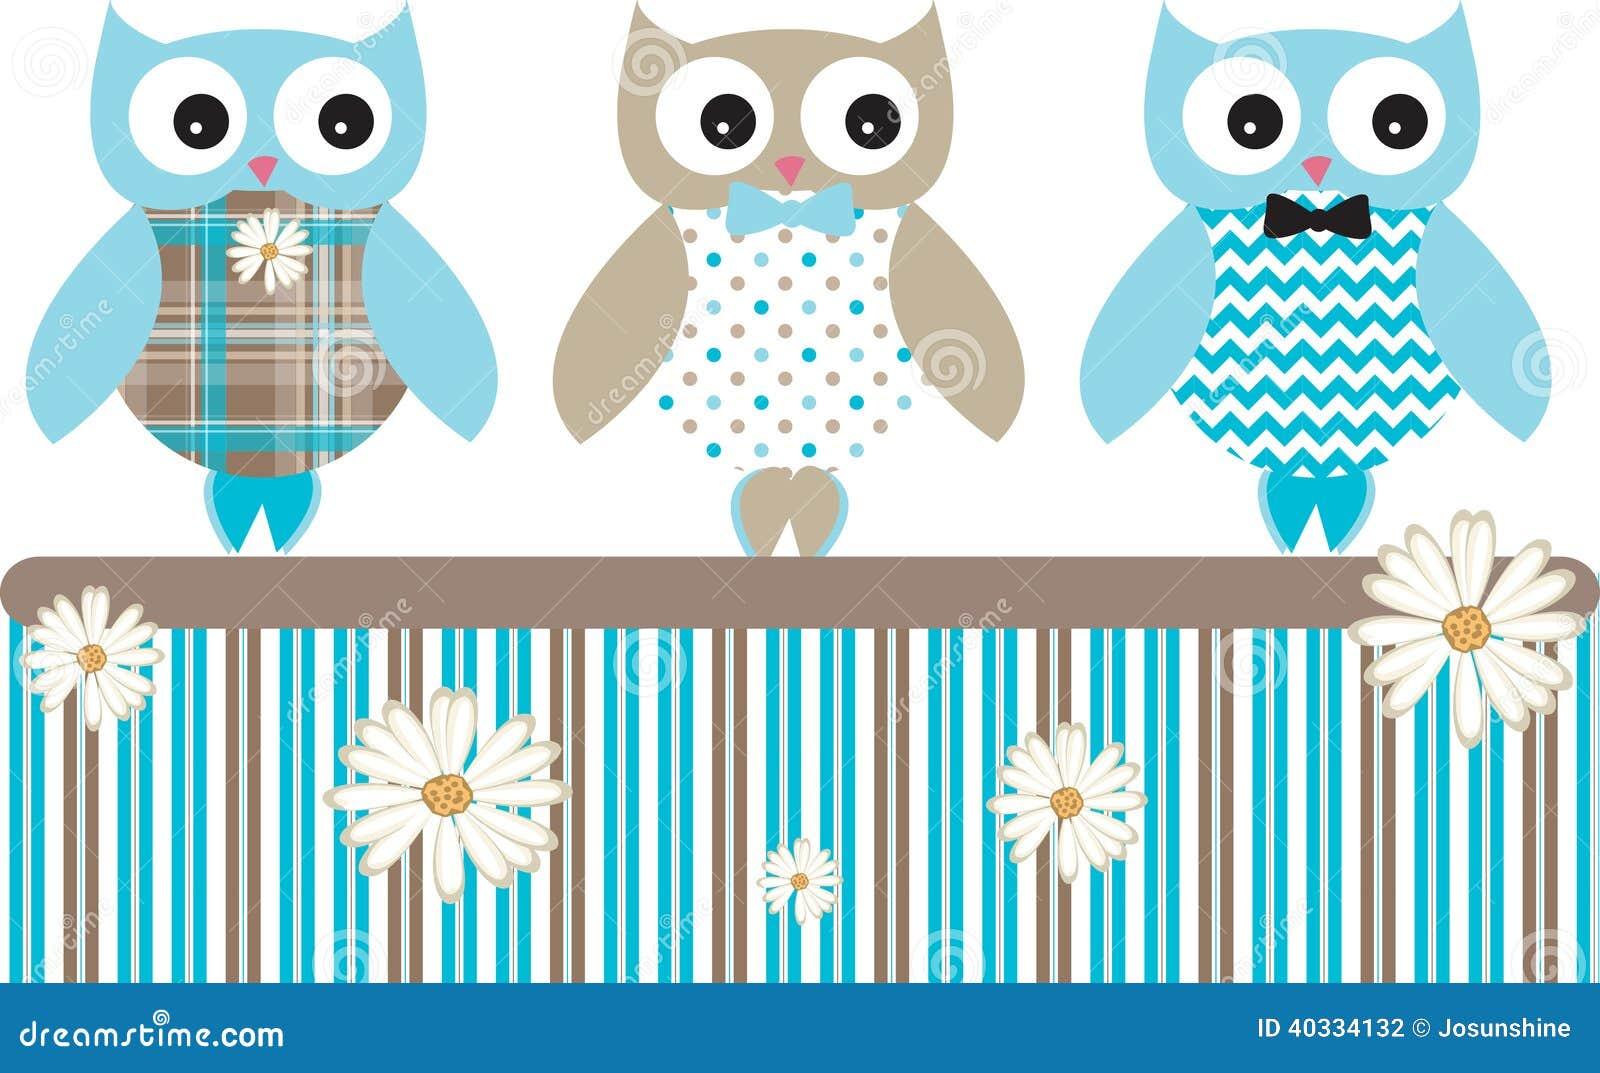 Owl Vetora Patterns Fence bonito